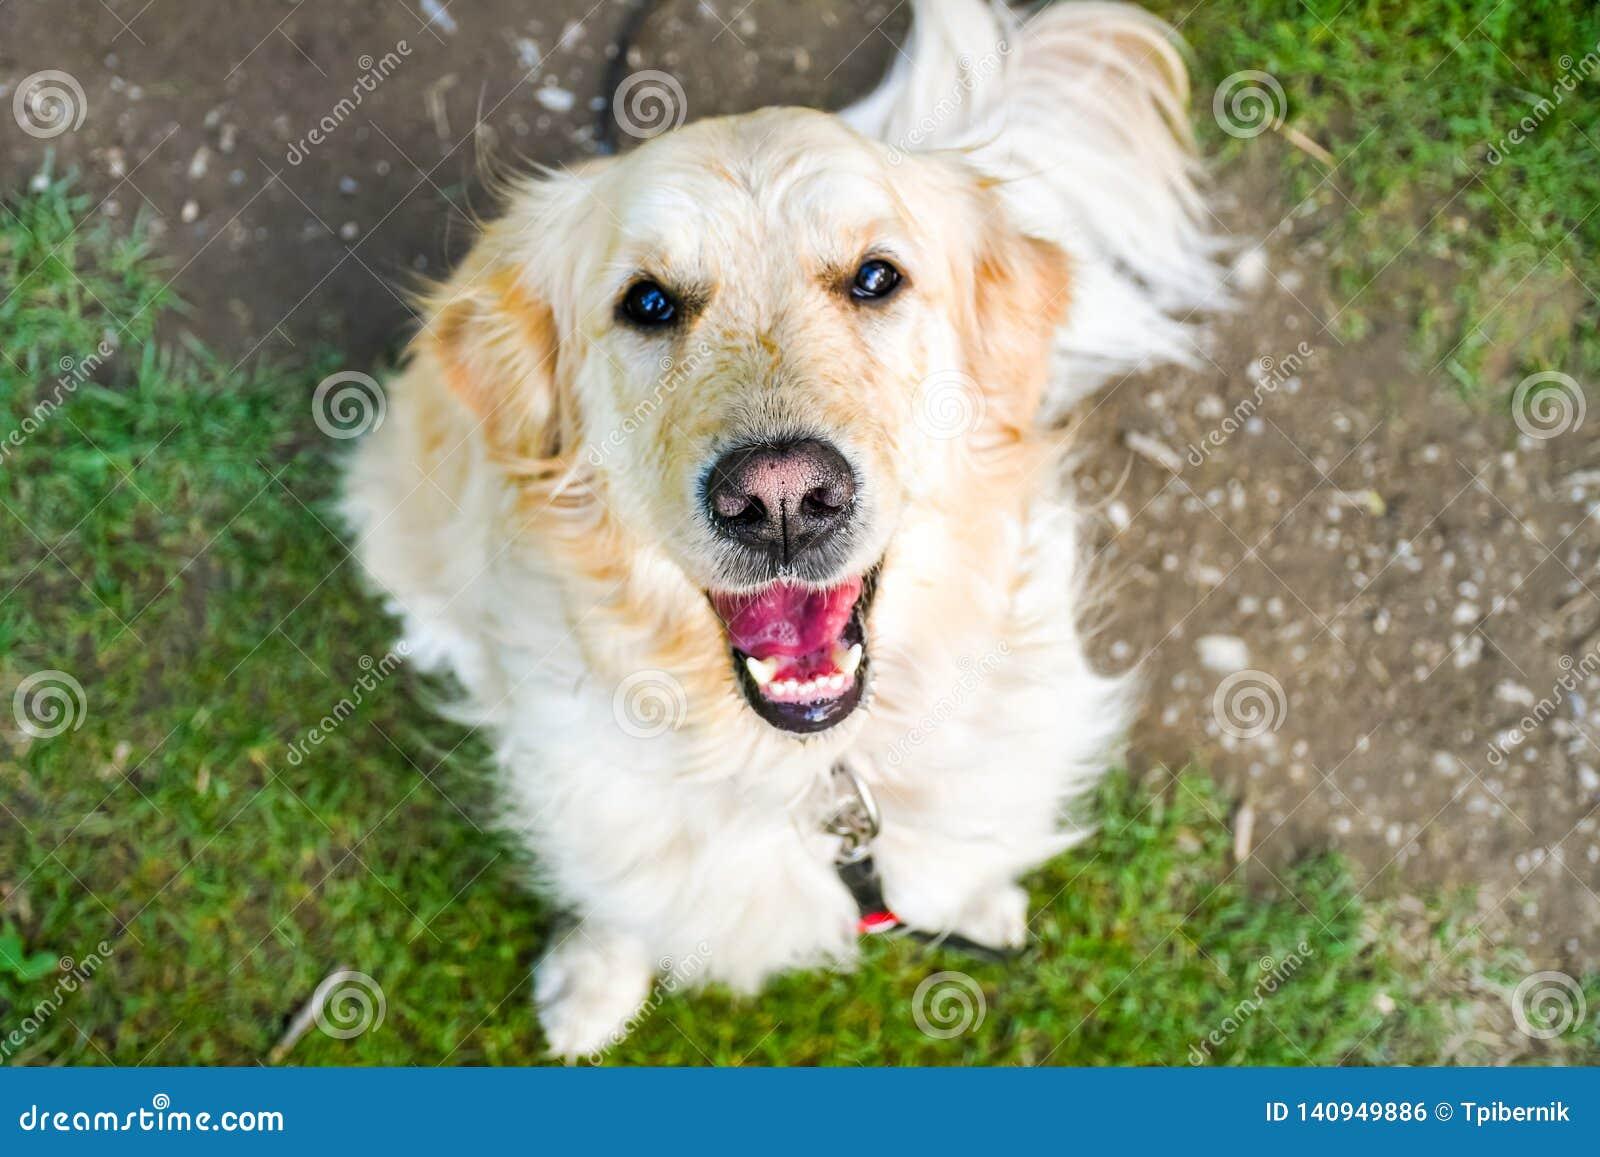 Śmieszny uśmiechnięty pies z czerwonawym nosem